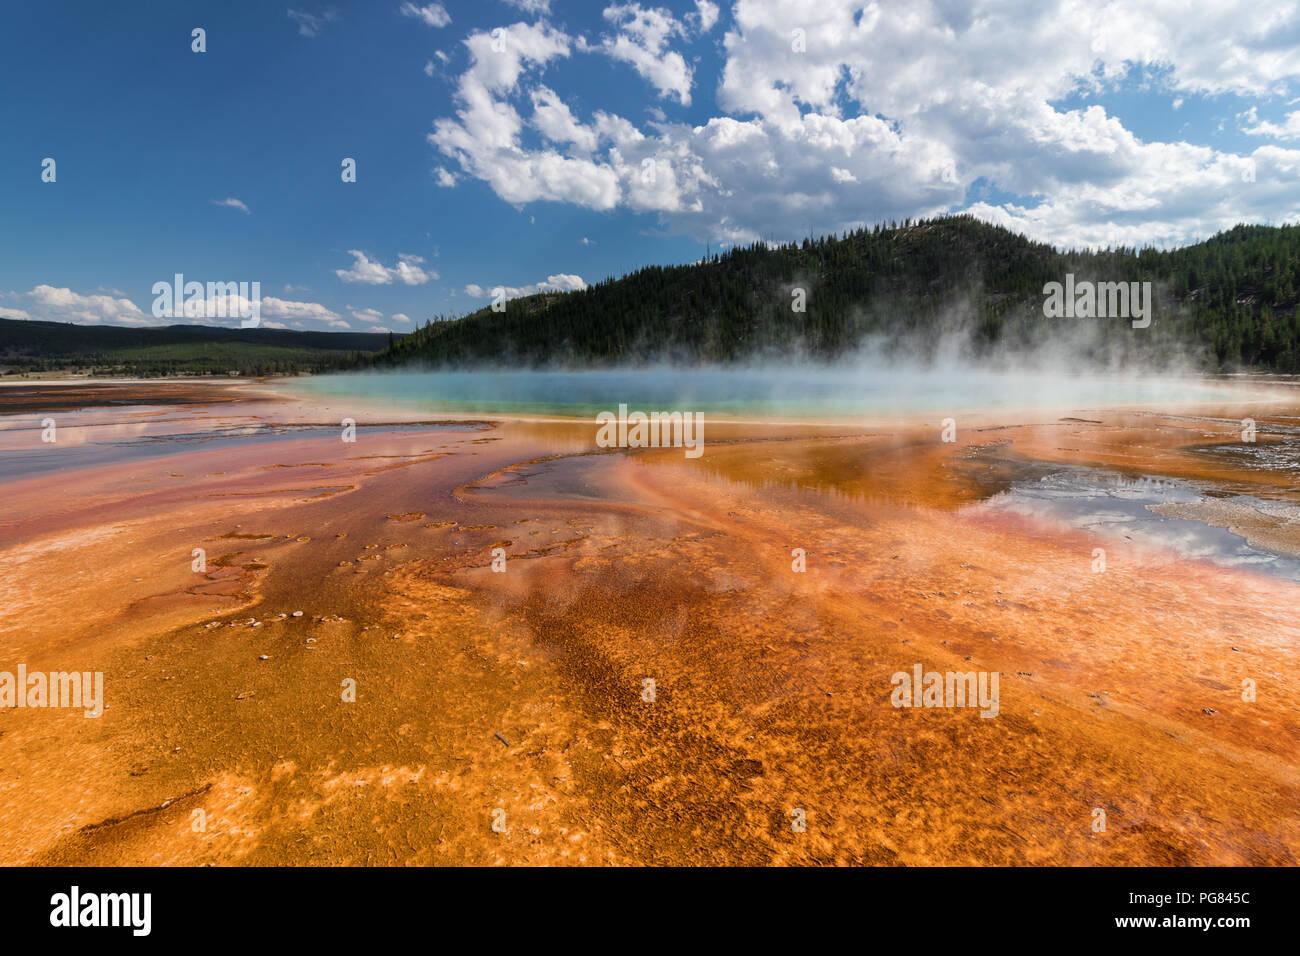 Grand Prismatic Spring - le parc de Yellowstone. Paysage sur une journée ensoleillée avec des nuages d'été. Contraste des couleurs - Orange, Vert Bleu Photo Stock